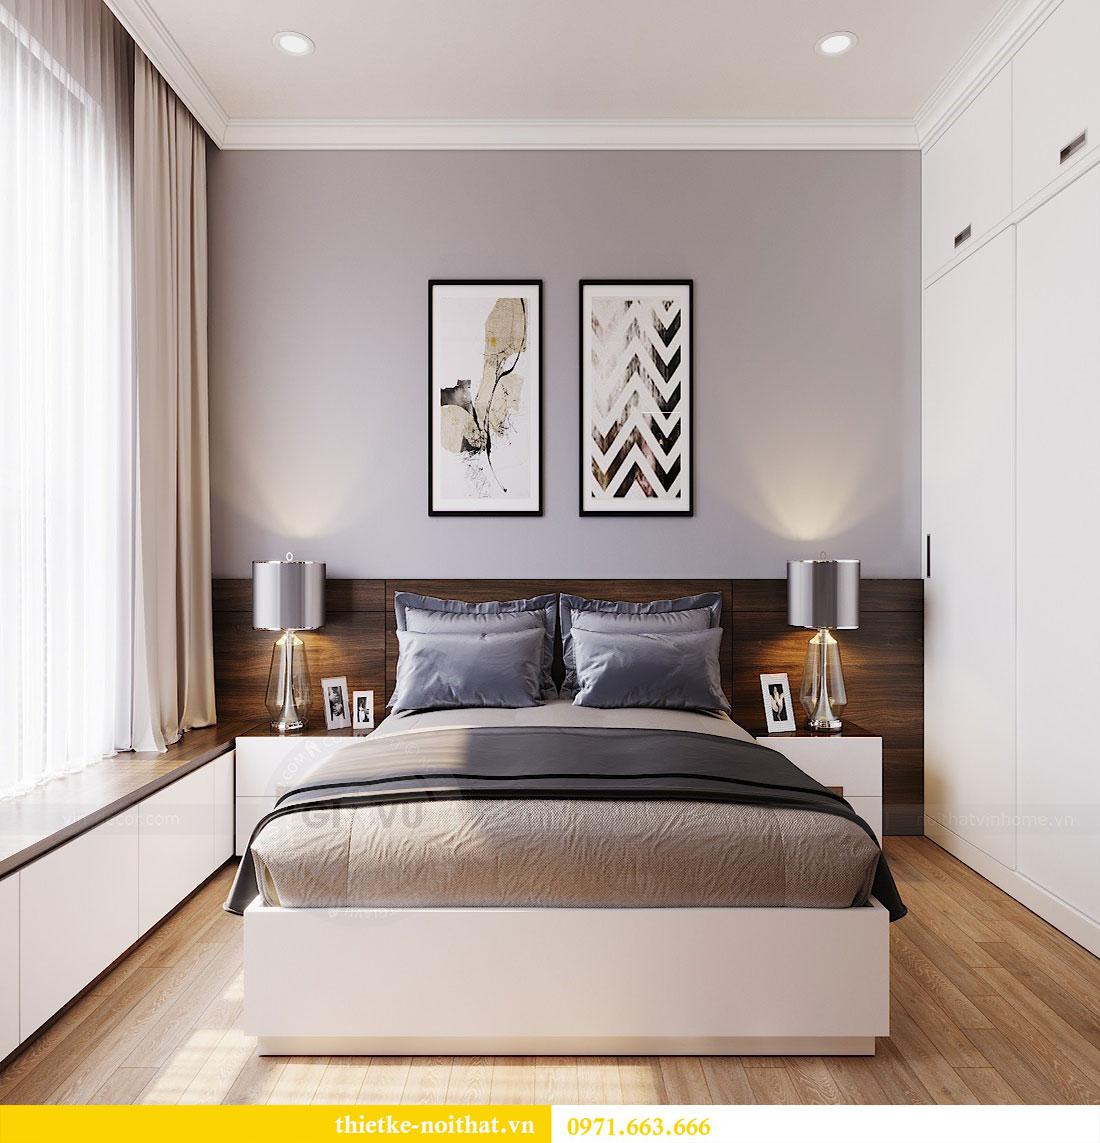 Thiết kế chung cư Seasons Avenue căn 01 tòa S3 - Anh Bách 13